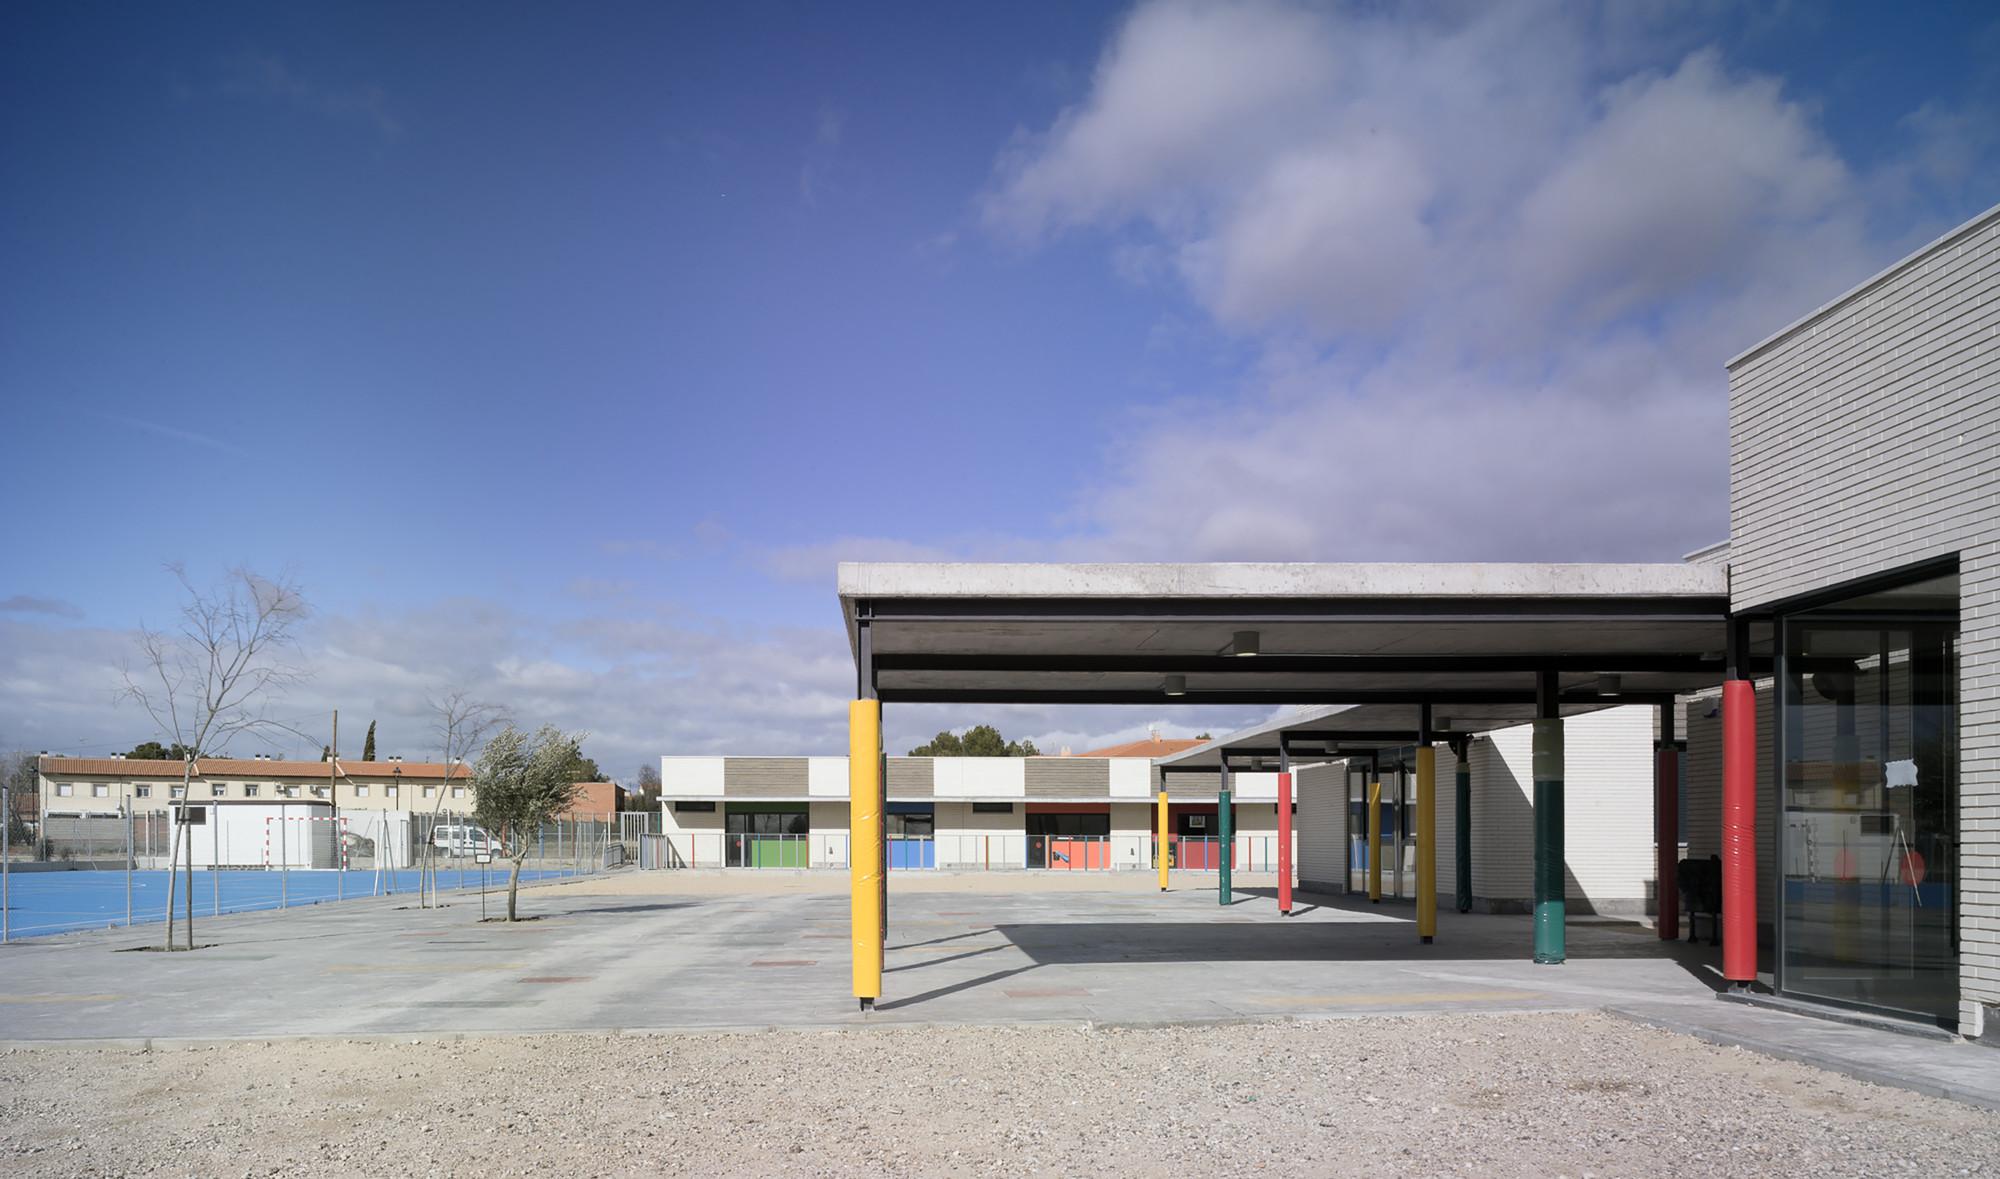 Colegio Público Municipio de Ciruelos / MILANO-RUGNON Arquitectos, © Jesús Granada